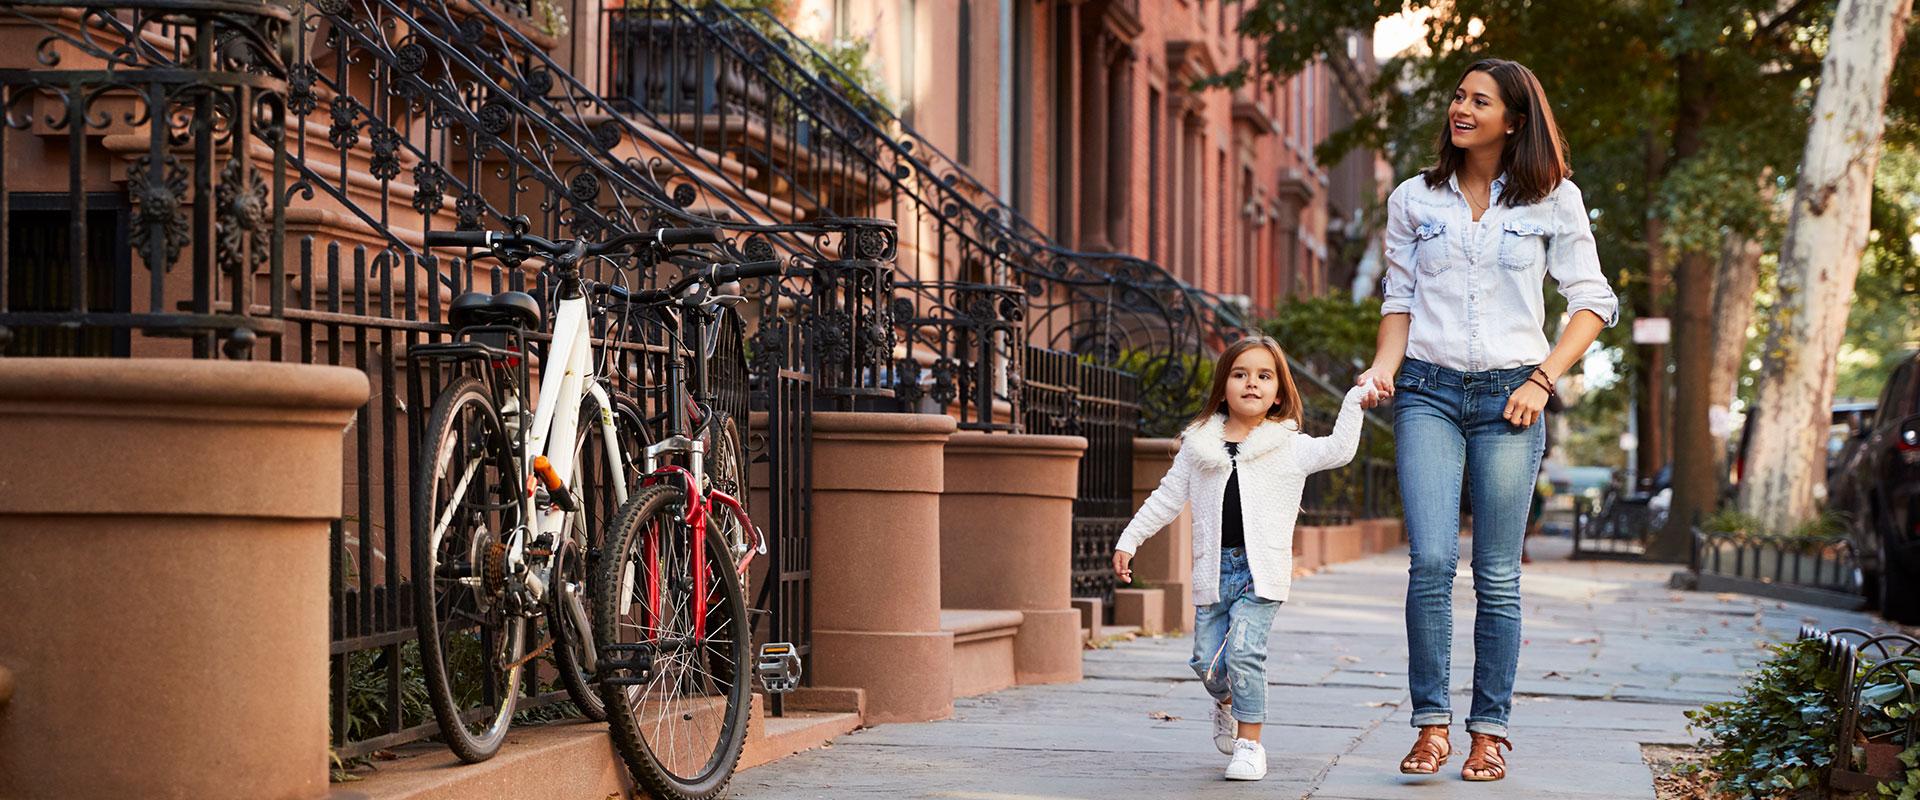 Mamá e hija caminando por la calle.